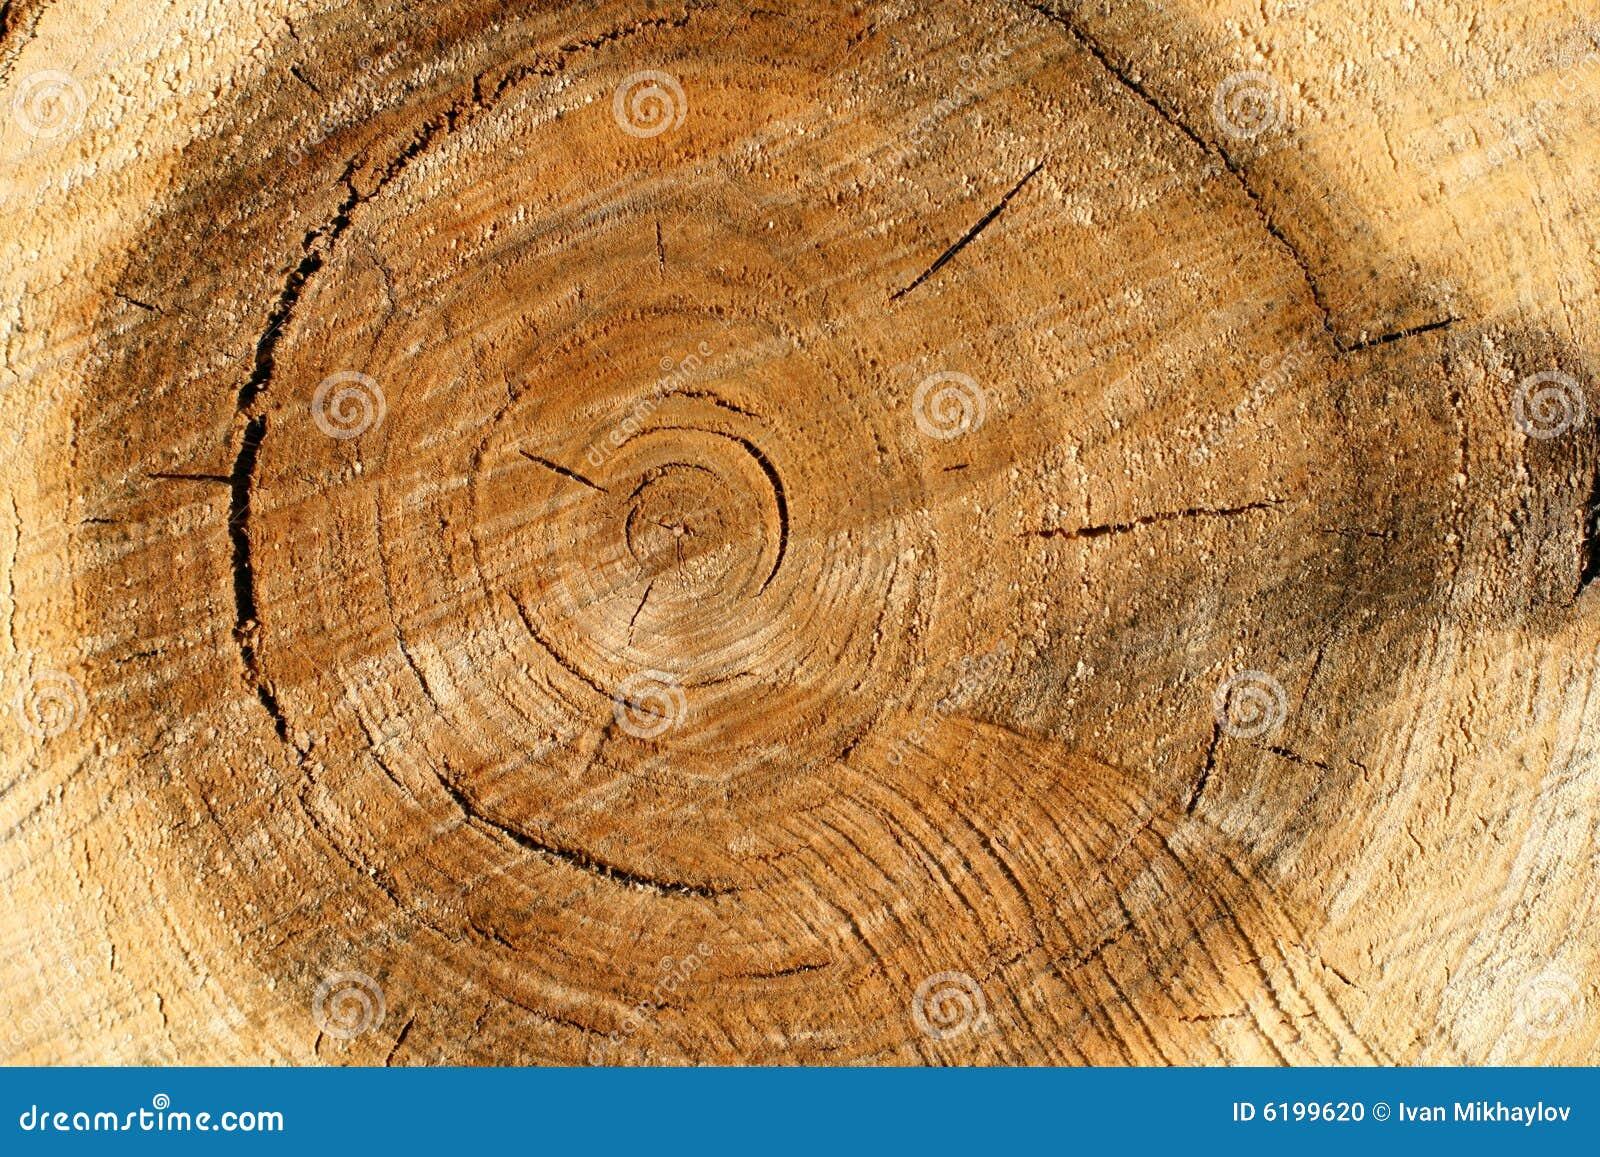 Pile Wood Stock Photo Image 6199620